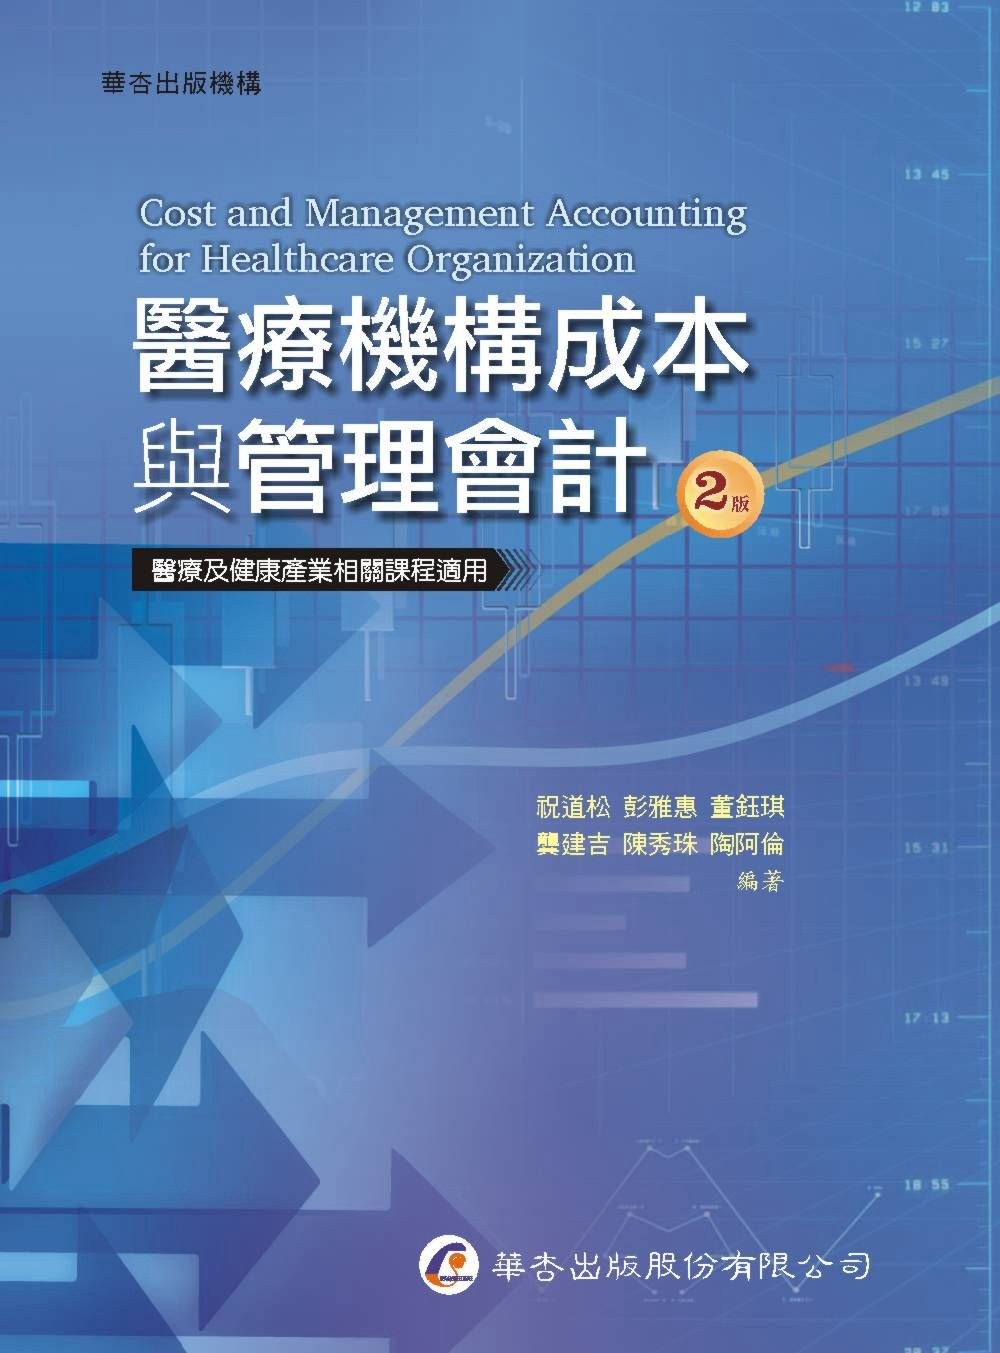 醫療機構成本與管理會計(2版)